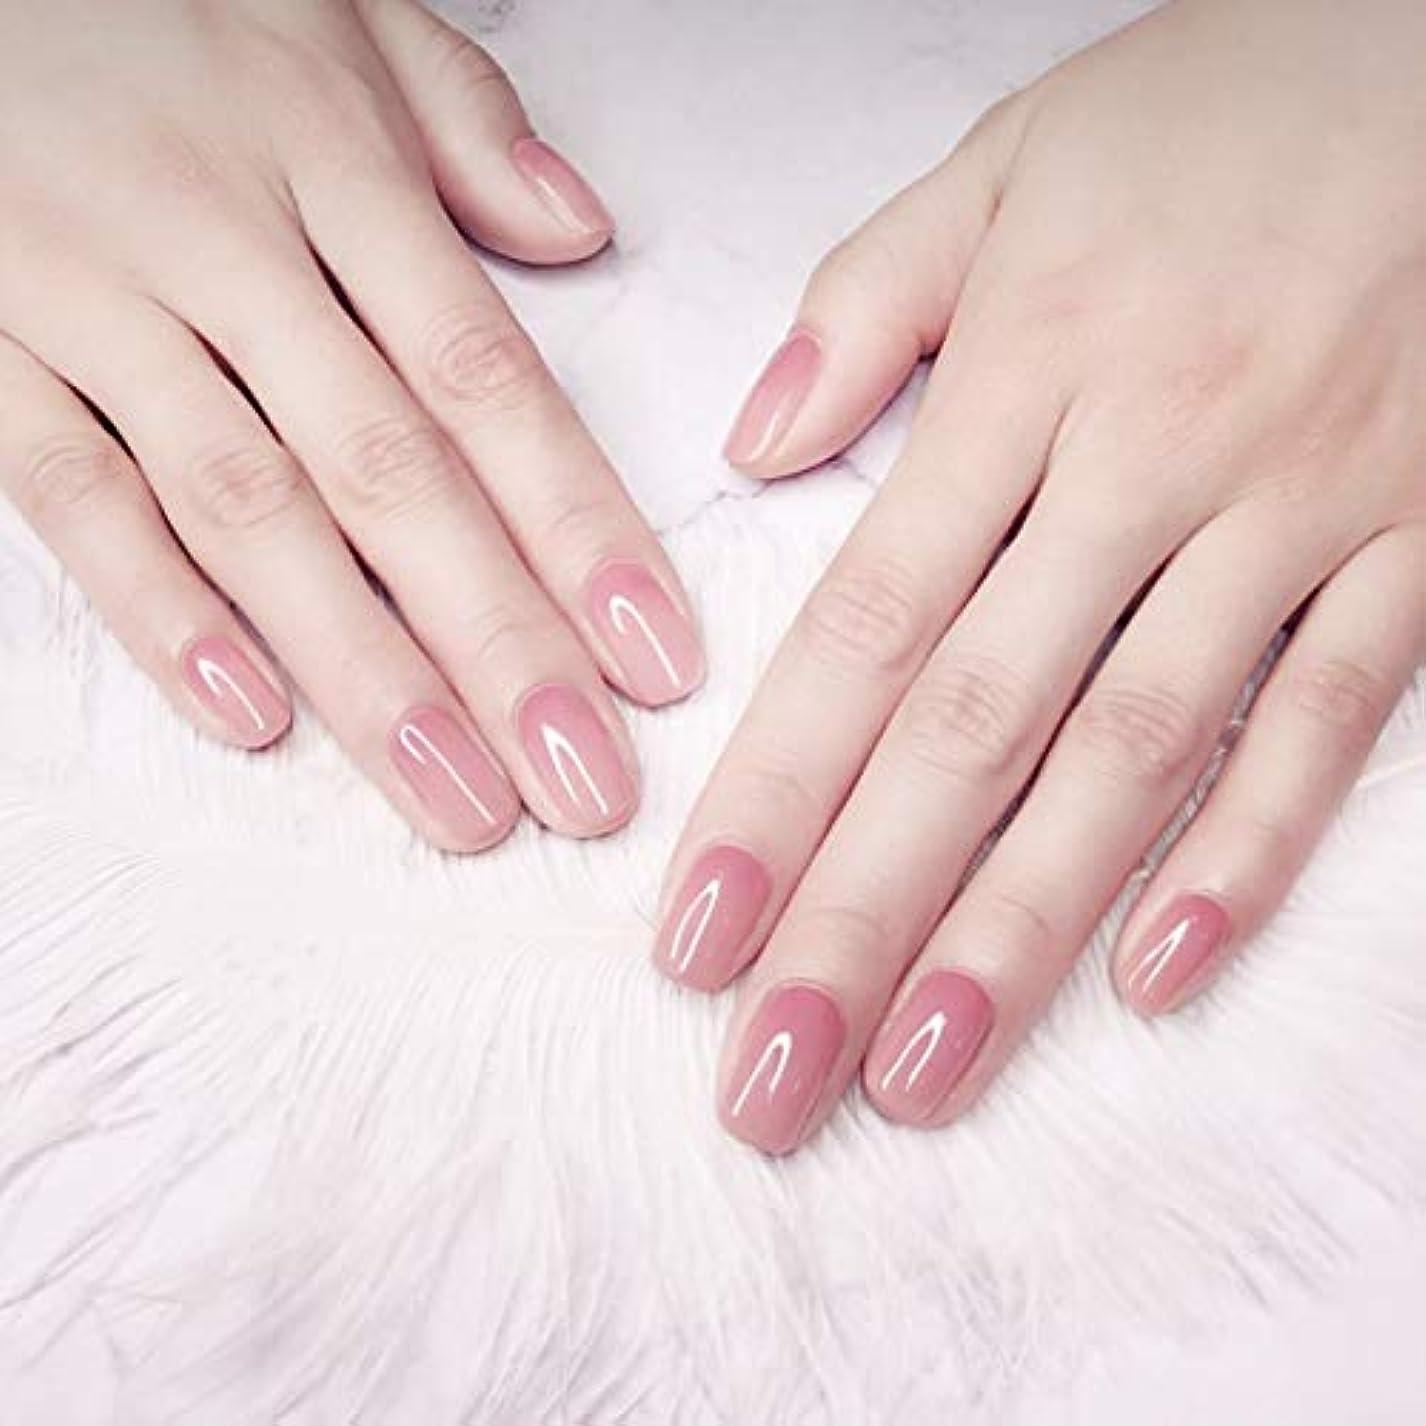 める壁紙放射する24枚純色付け爪 ネイル貼るだけネイルチップ お花嫁付け爪 さくら カラーグラデーション フラットヘッド 平頭爪チップ